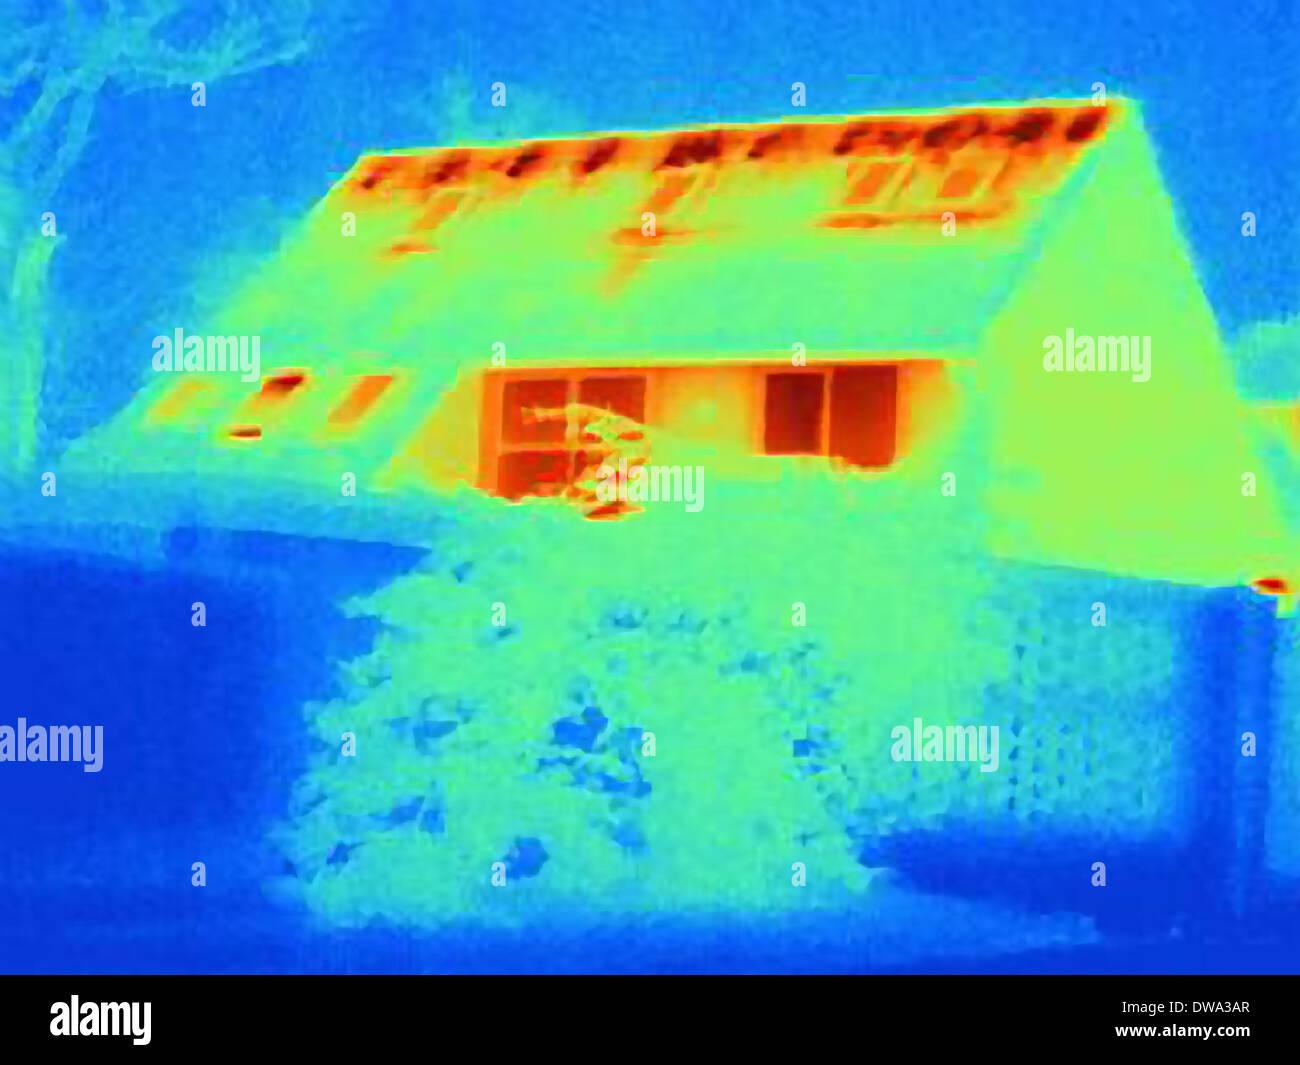 wärmebild eines hauses, zeigt wärmeverlust durch schlechte